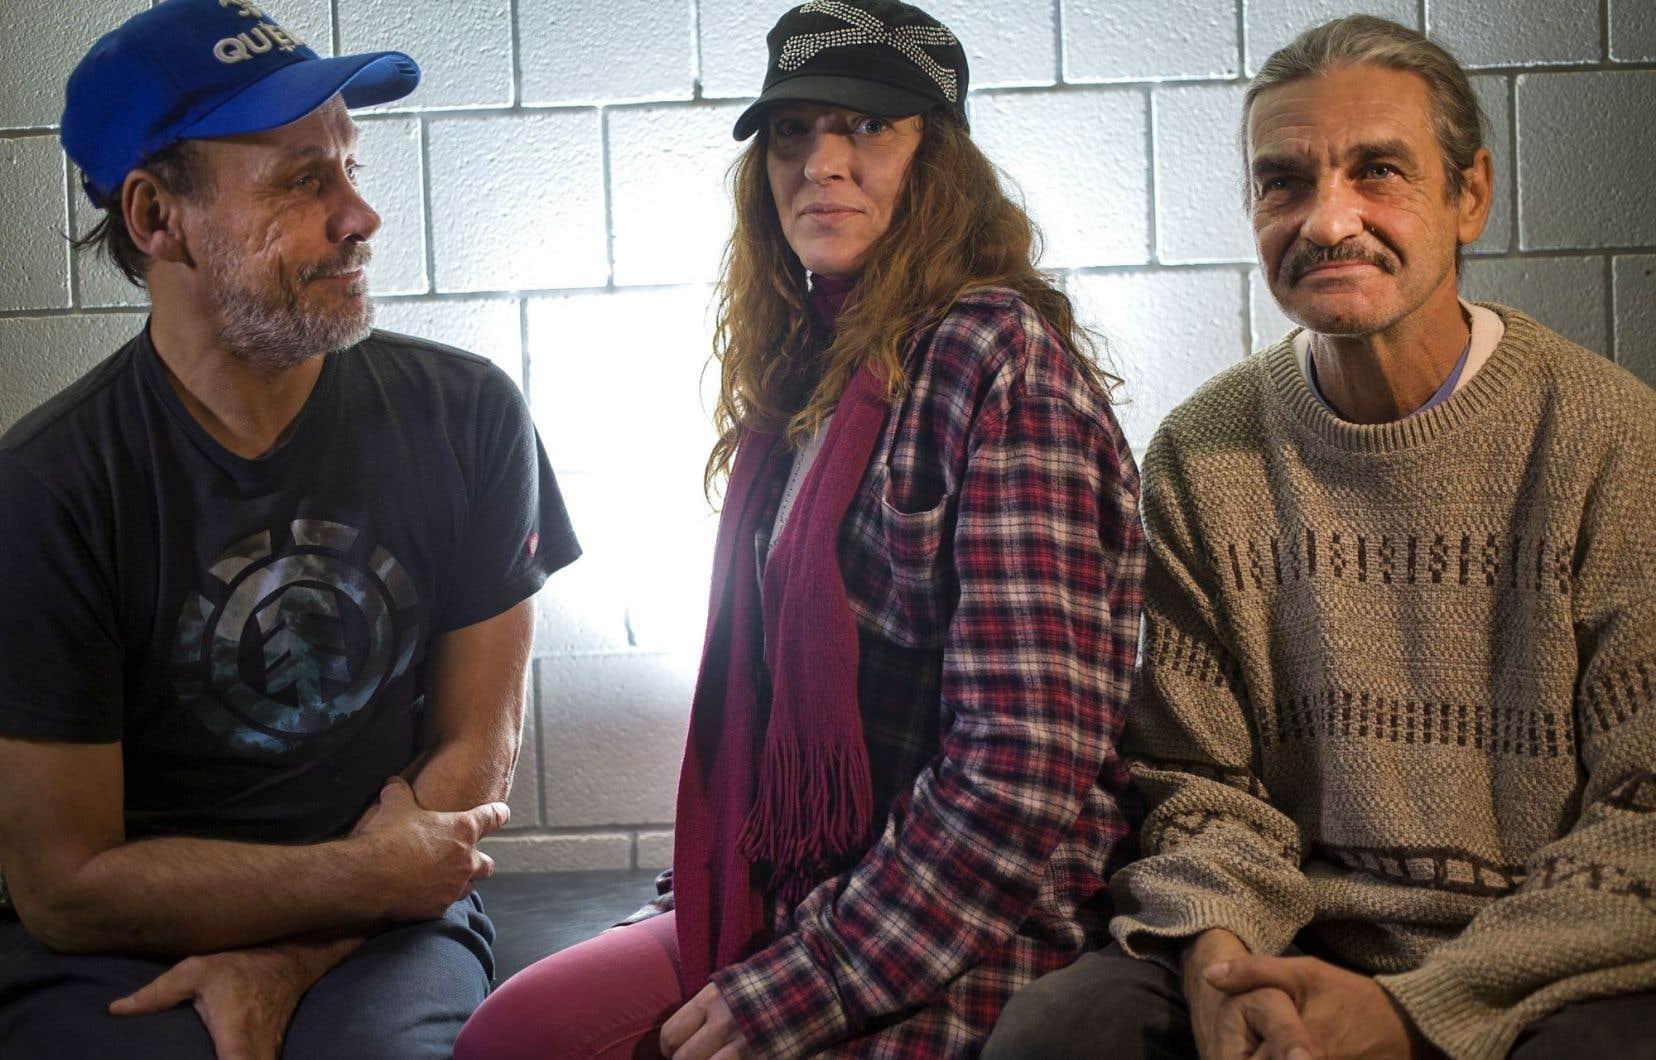 Les histoires de Brian Busby, de Marie-Josée Lejeune et de Michel Arsenault, qui ont vécu dans la rue, seront interprétées par des membres de l'Atelier lyrique de l'Opéra de Montréal, en mai prochain, à la Place des Arts.